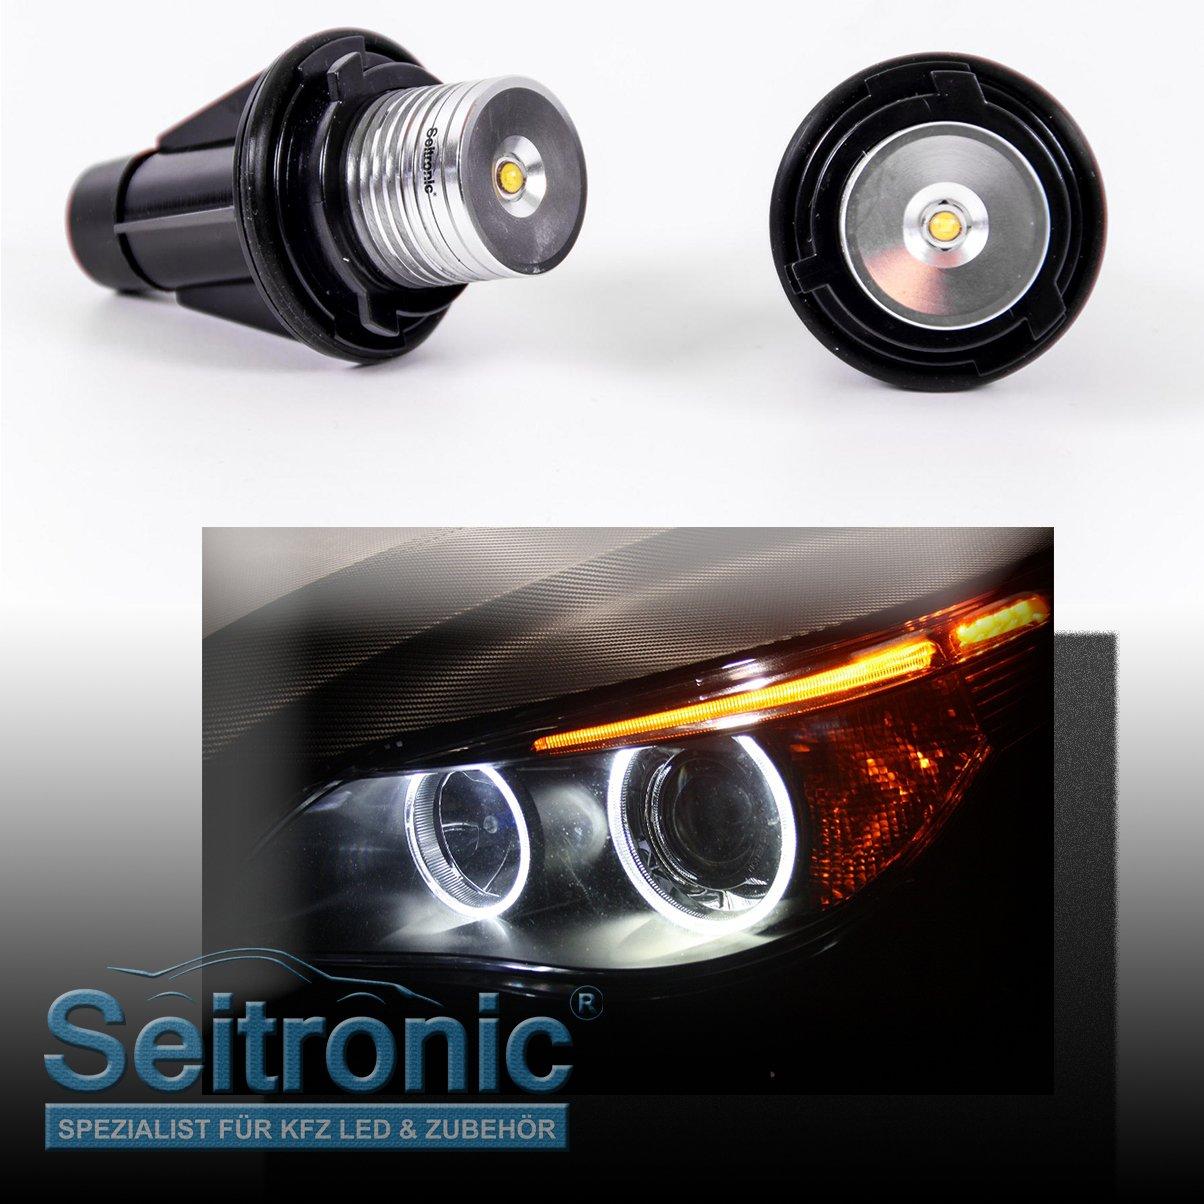 SEITRONIC Faros de LED, LD-360, ojos de á ngel xenó n en blanco ojos de ángel xenón en blanco